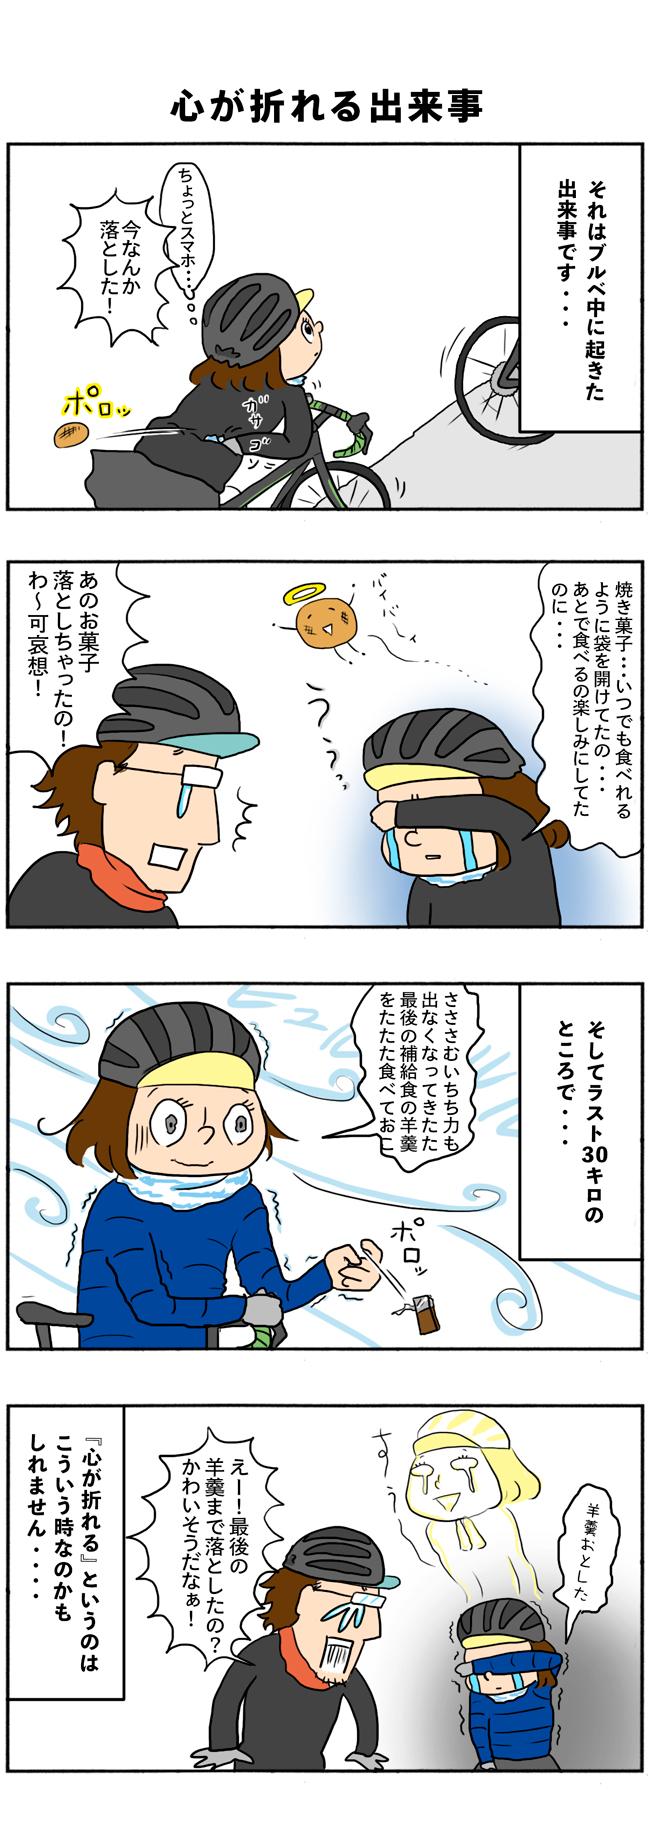 【四コマ漫画】サイクリング中に心が折れる出来事